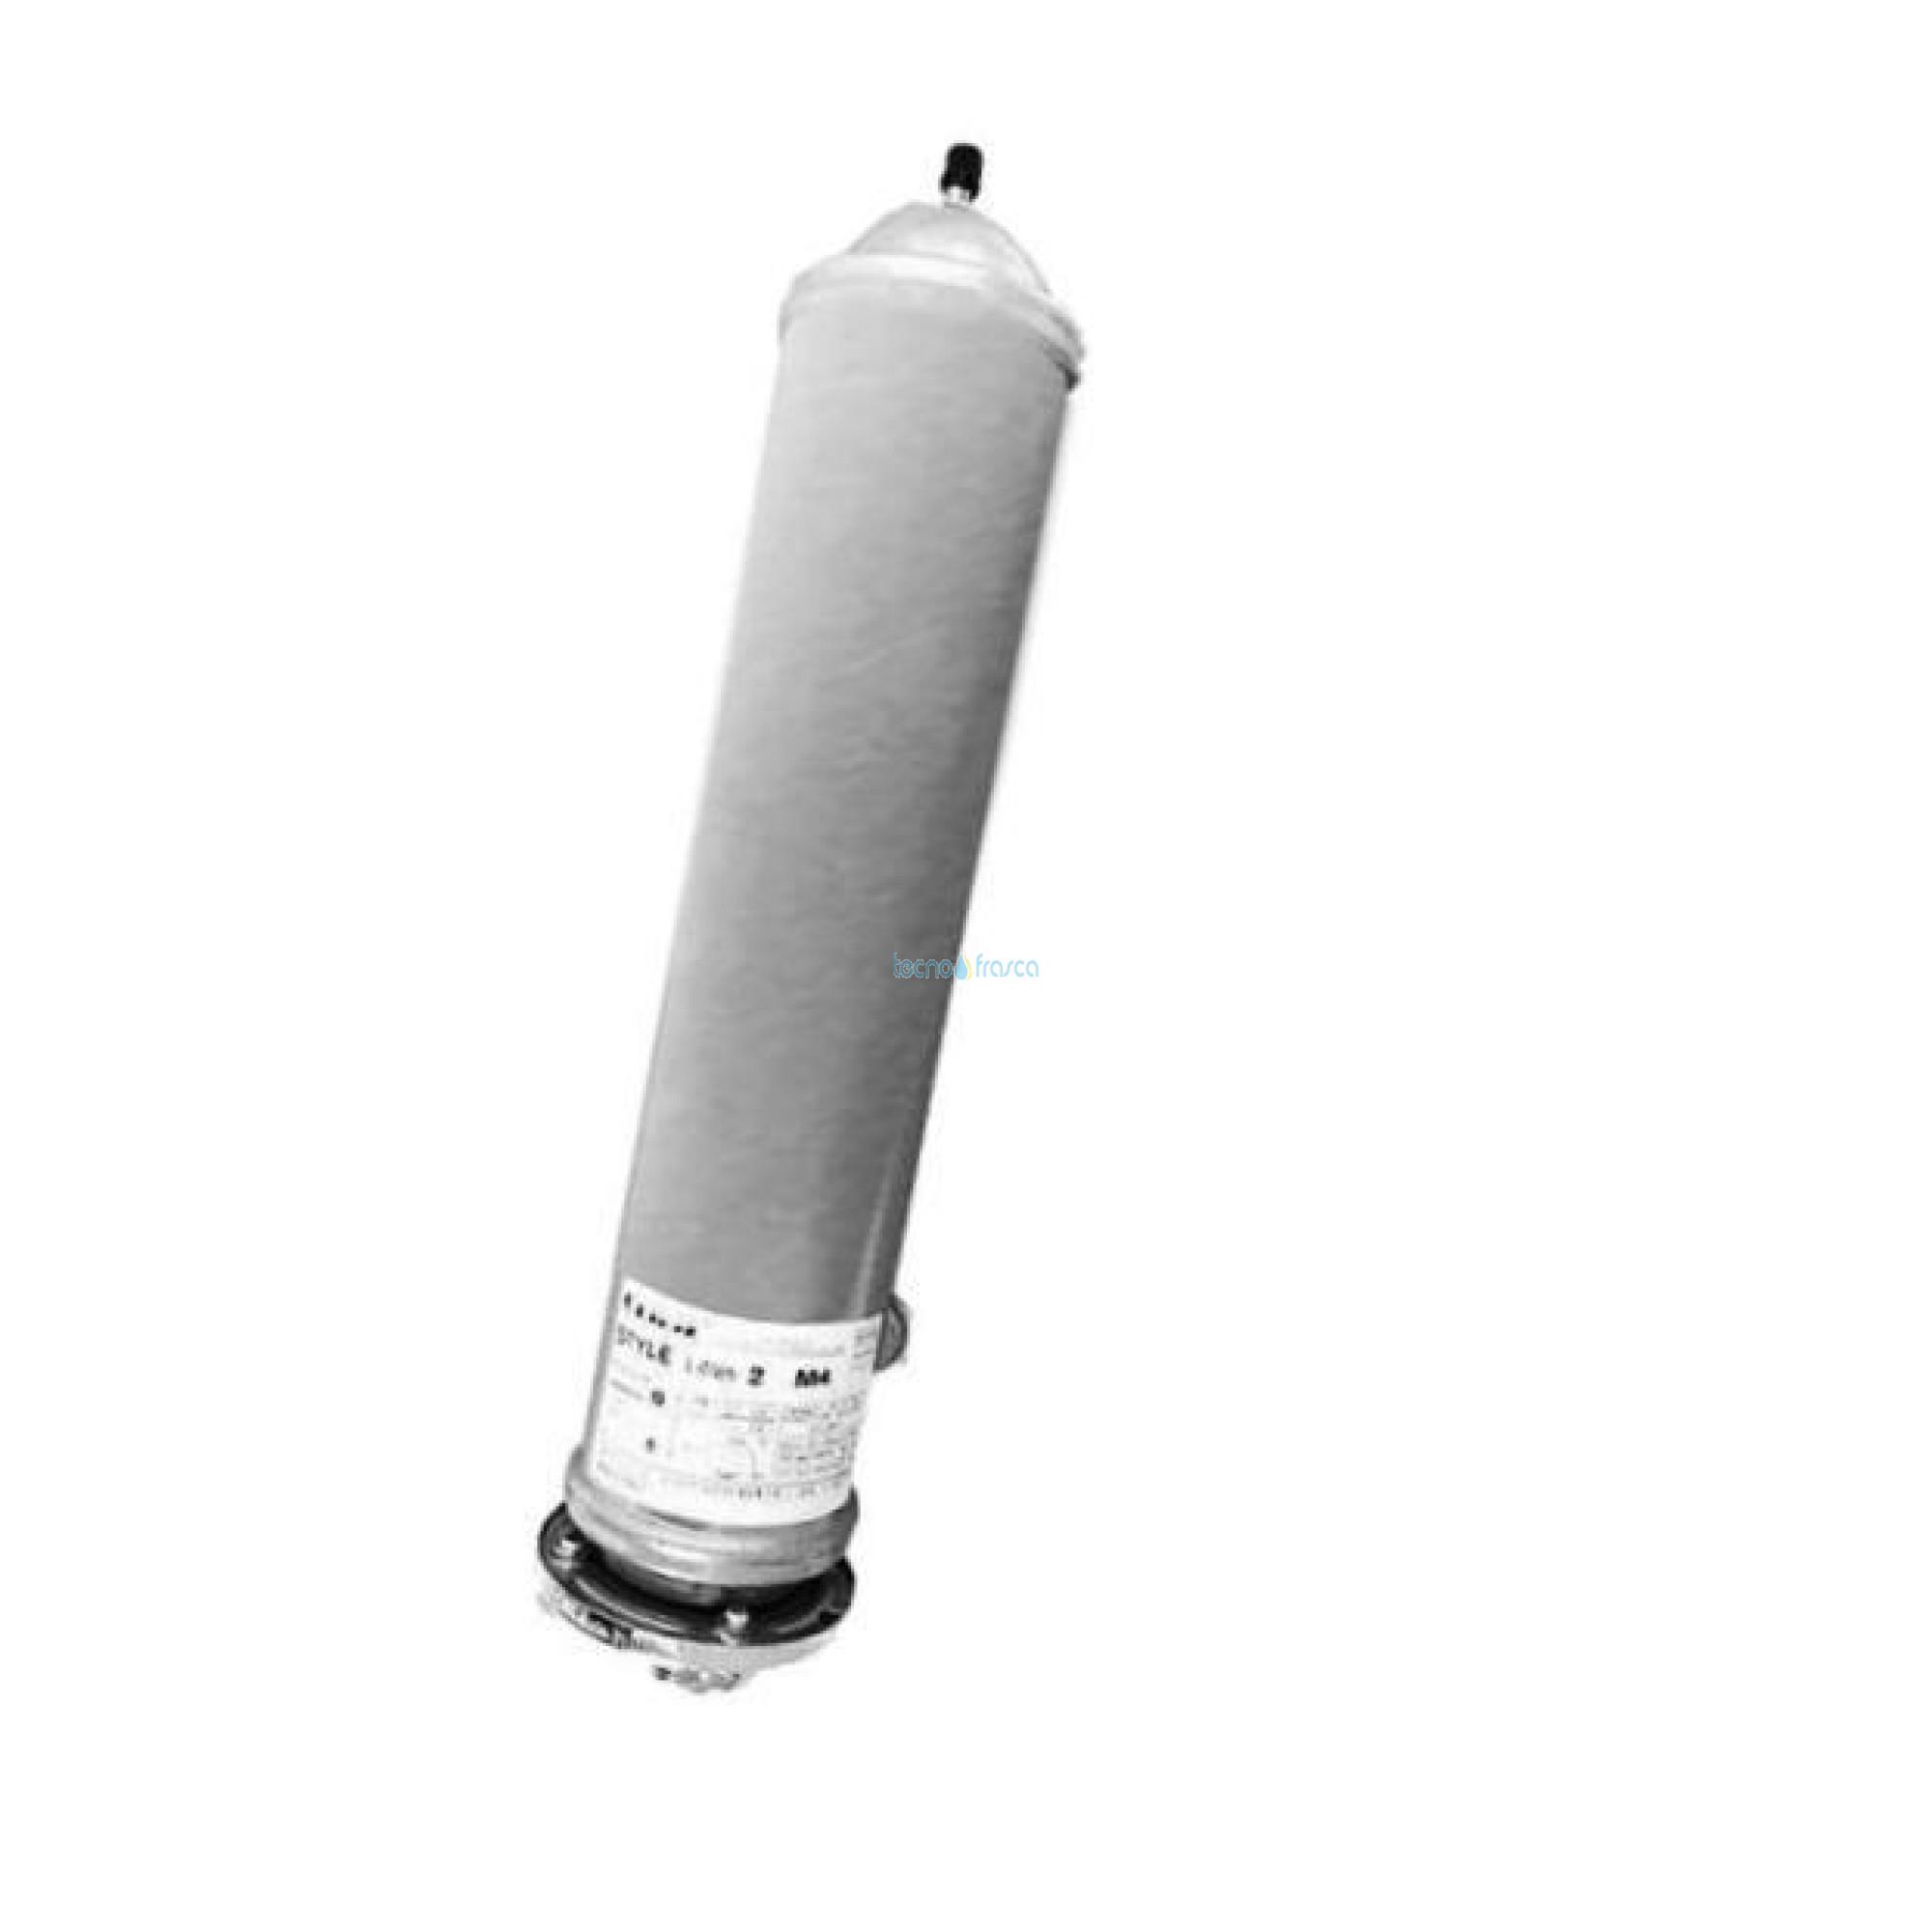 Immergas vaso di espansione lt2 d.80 membran 4 litri 1.036911